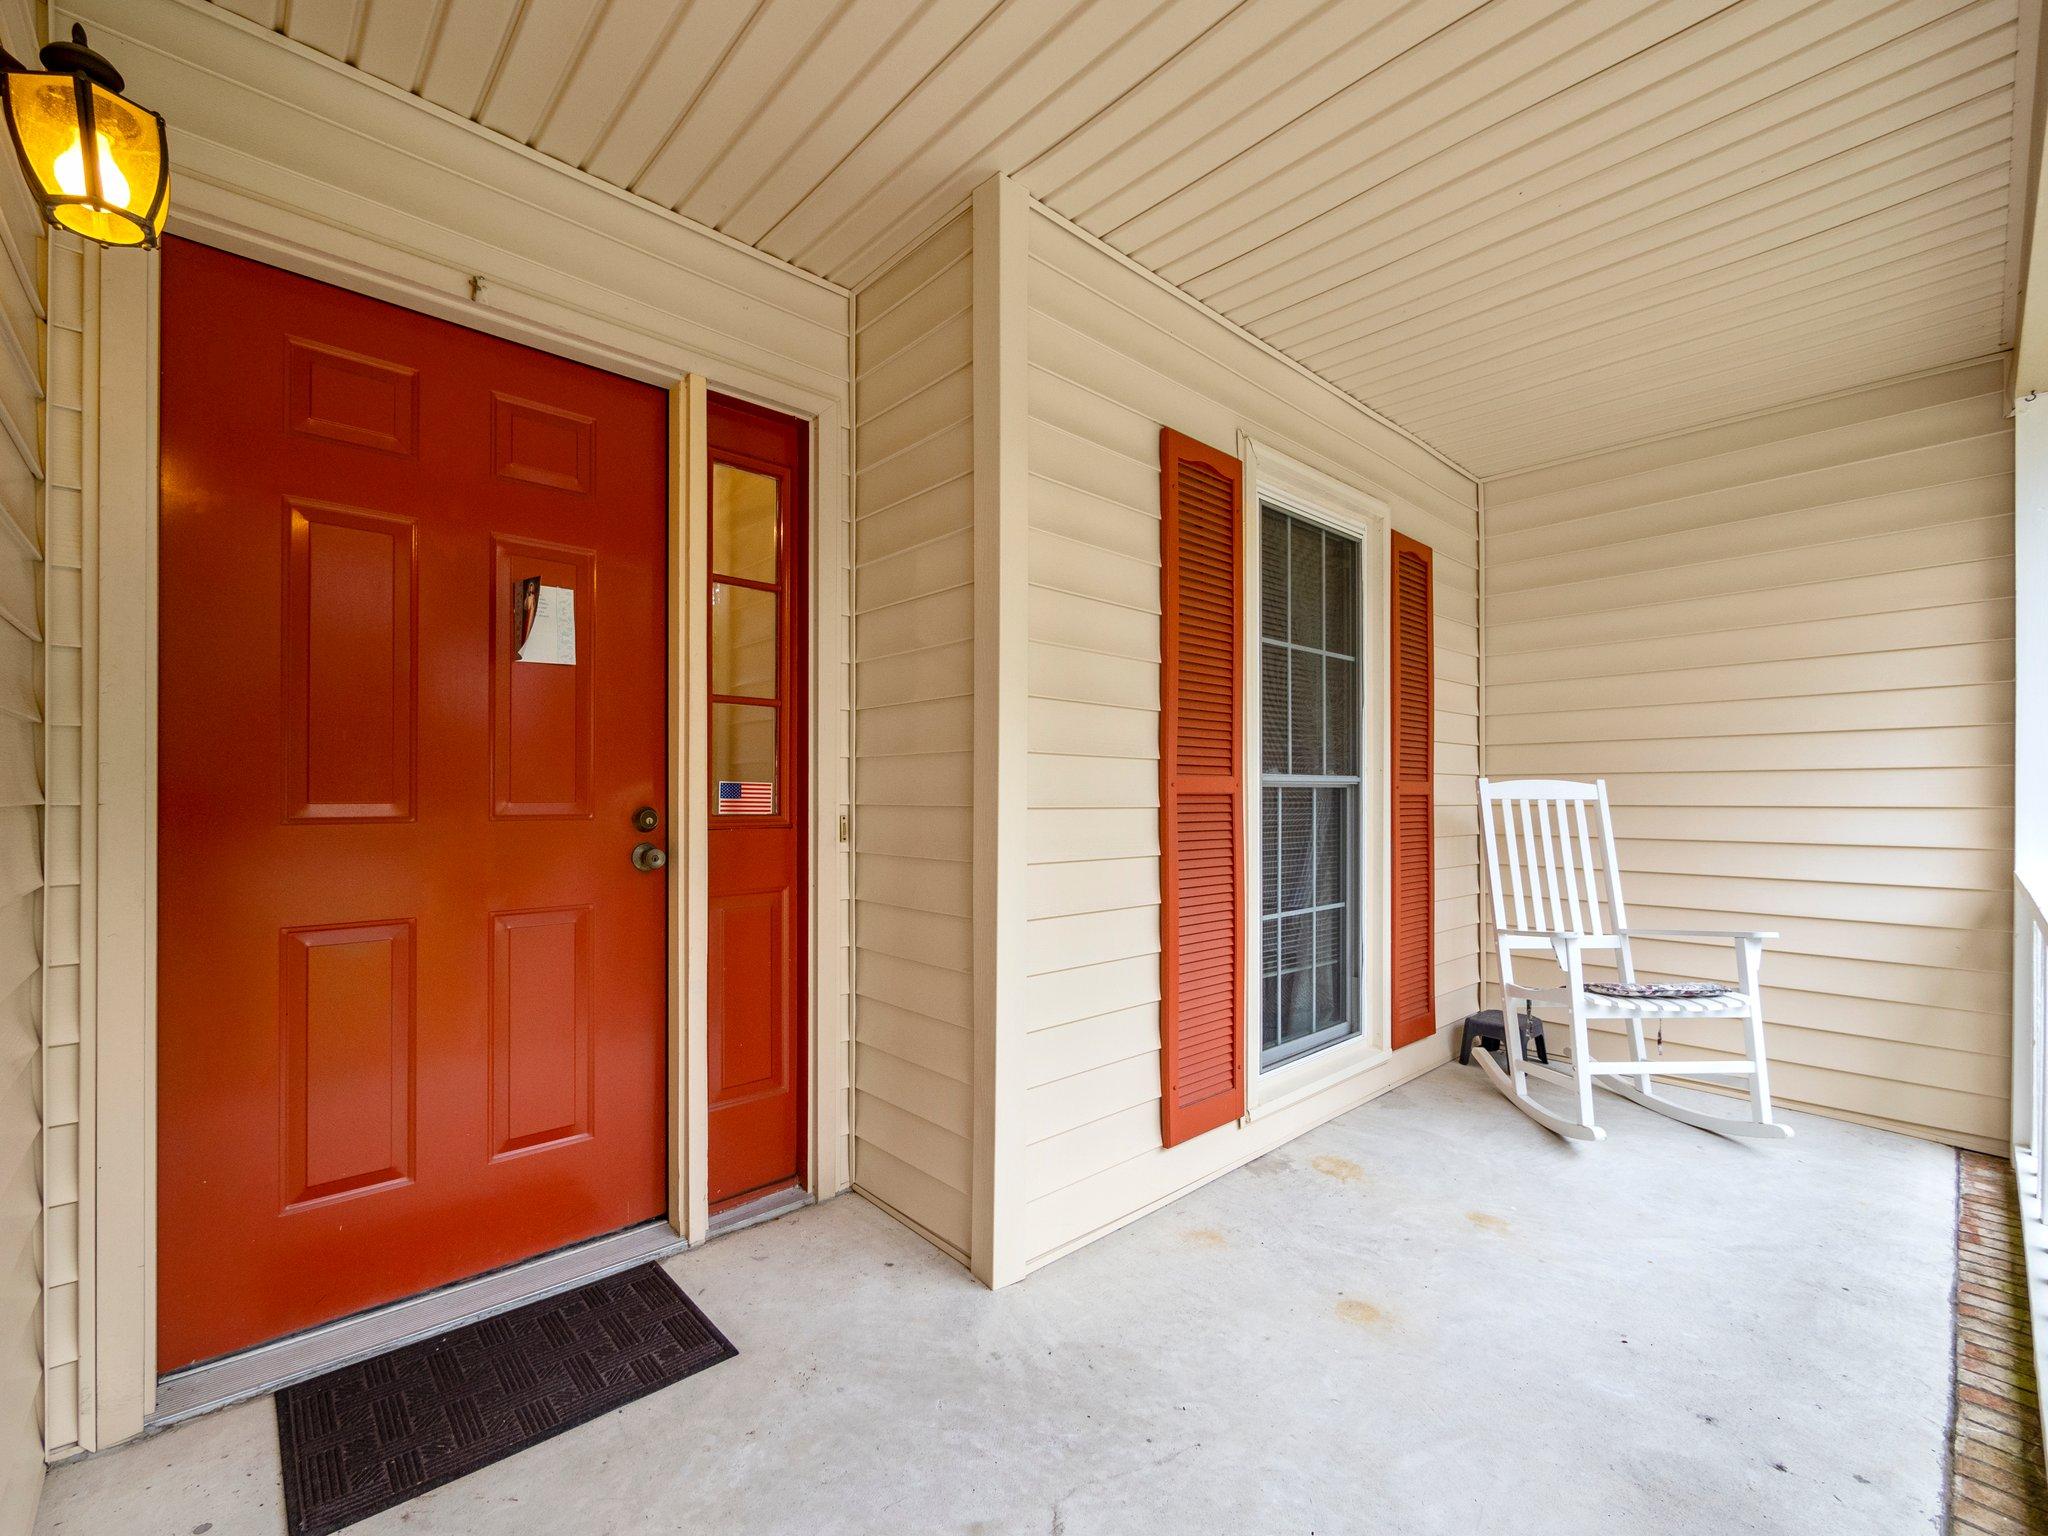 6218 Cardinal Dr, New Bern, NC 28560, USA Photo 6